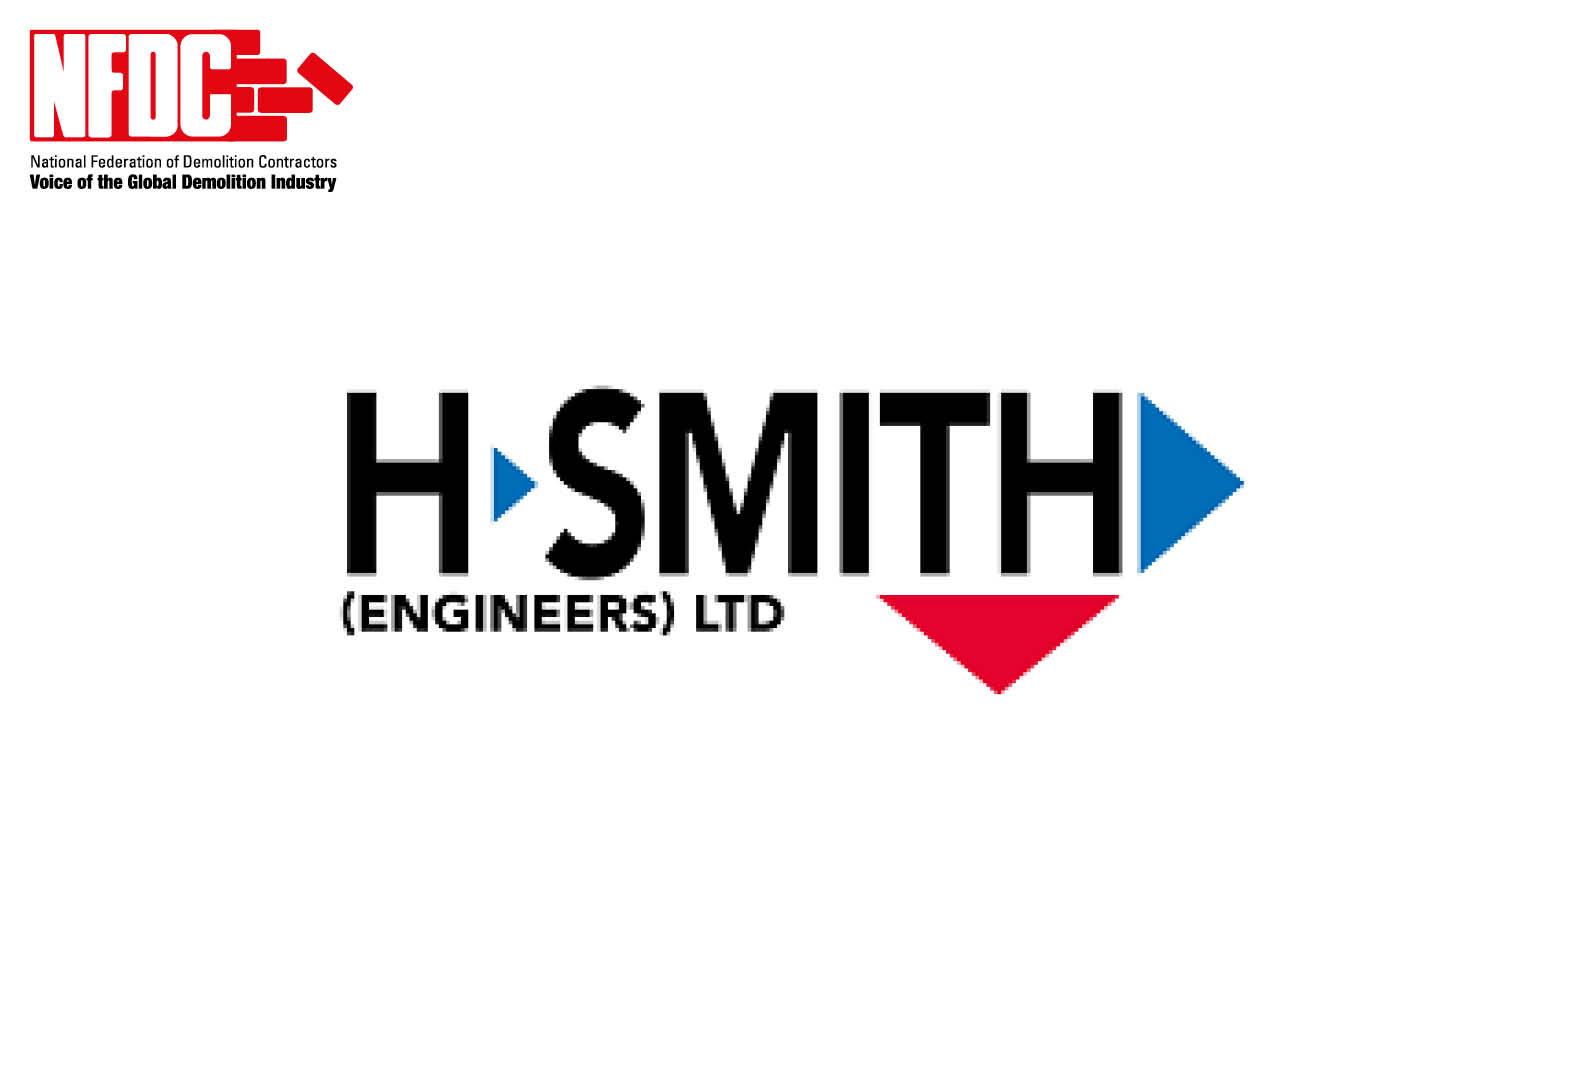 H Smith